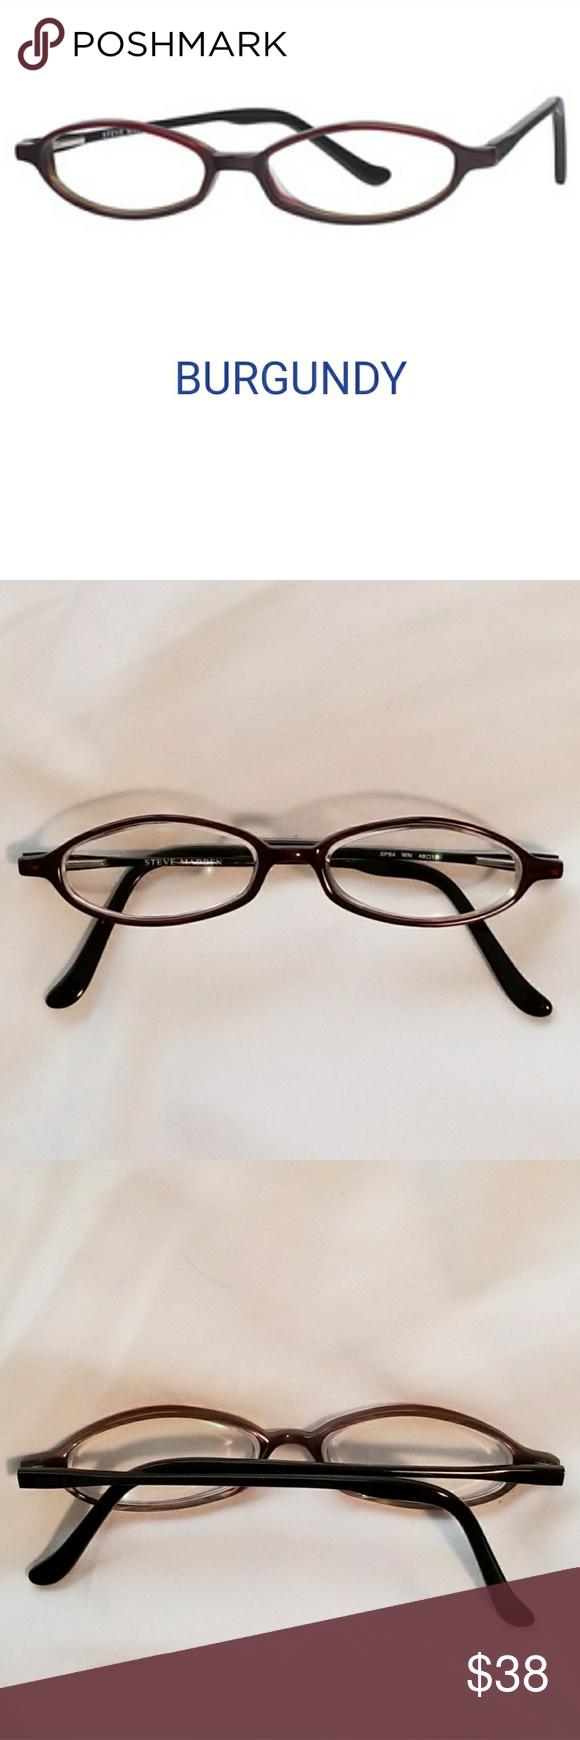 Steve Madden Eyeglass Frames Boutique | Pinterest | Burgundy color ...